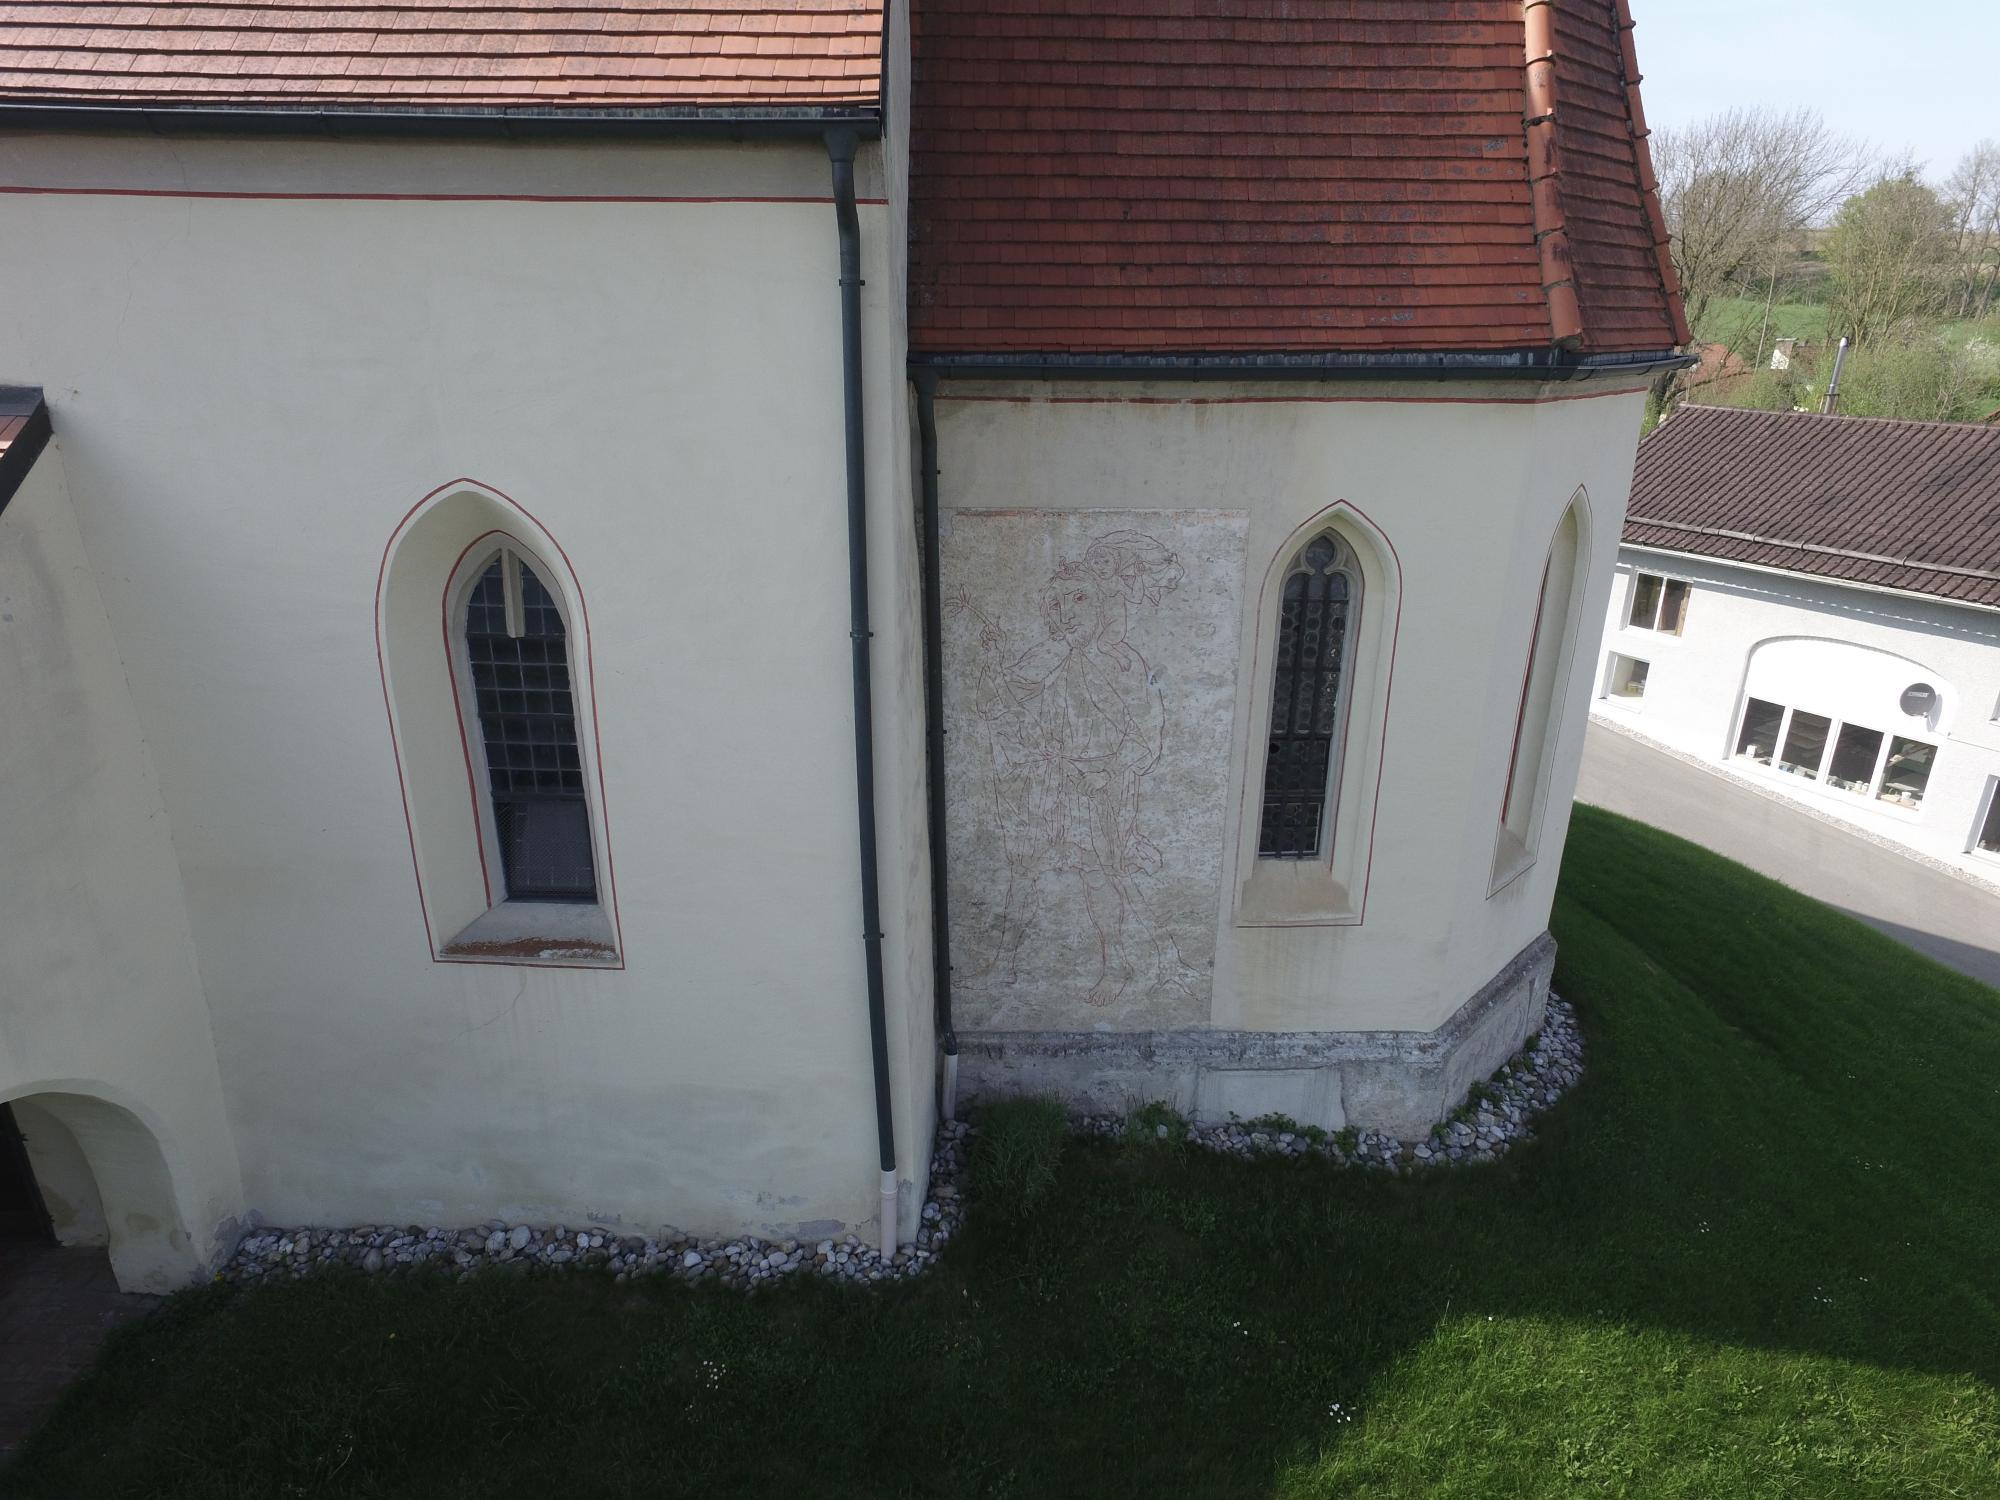 St. Vitus - Detail